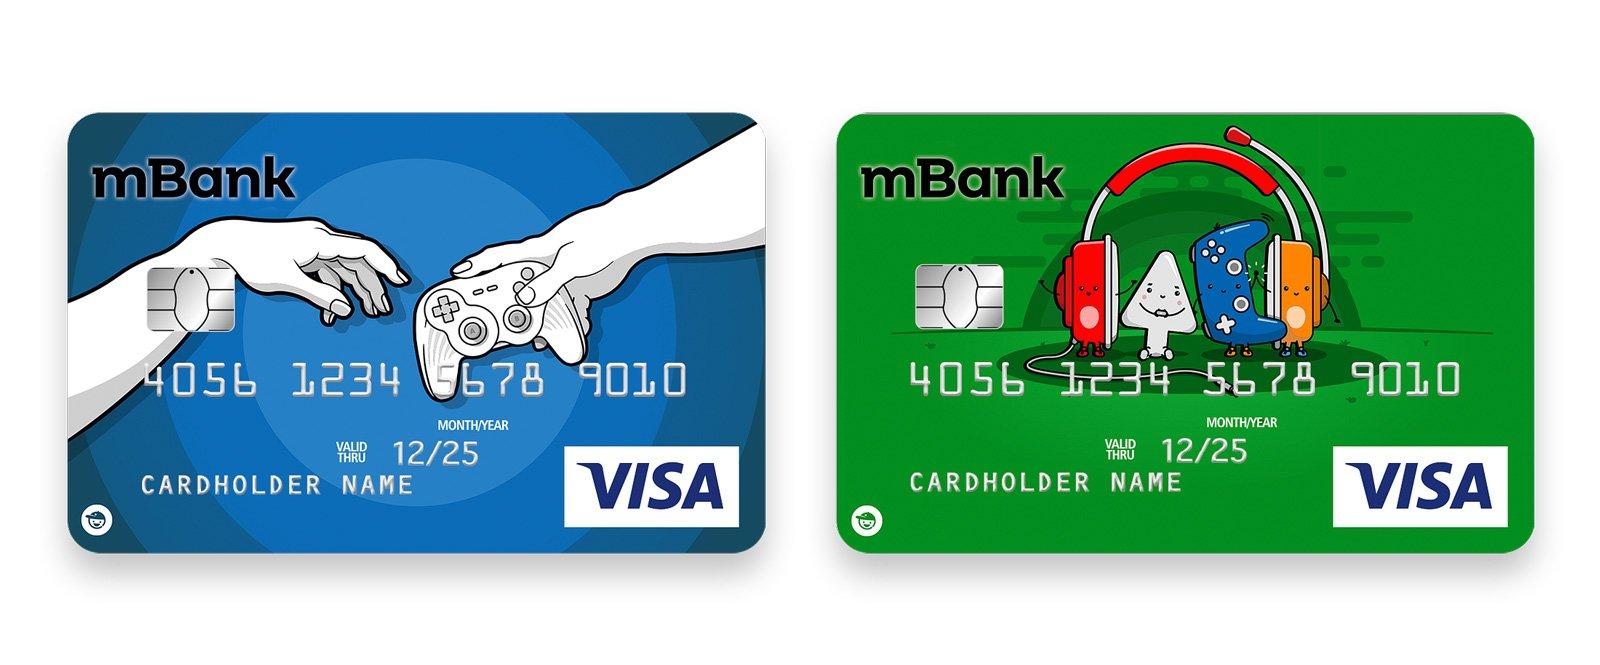 wzory kart mbank dla graczy